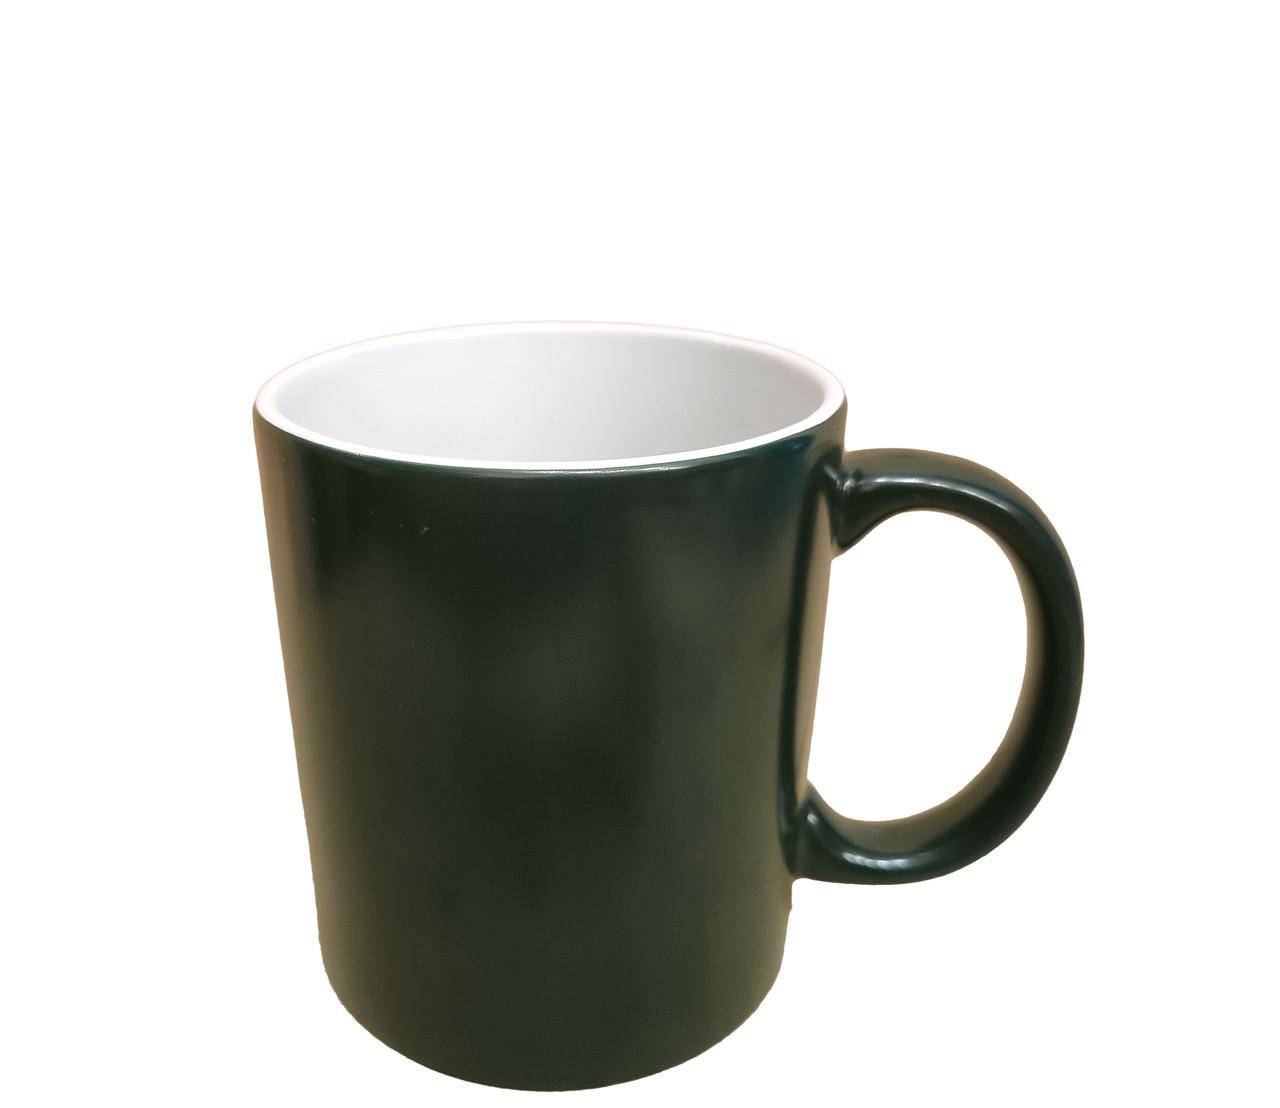 Чашка для сублимации хамелеон ПОЛУГЛЯНЕЦ 330 мл (зелёный)